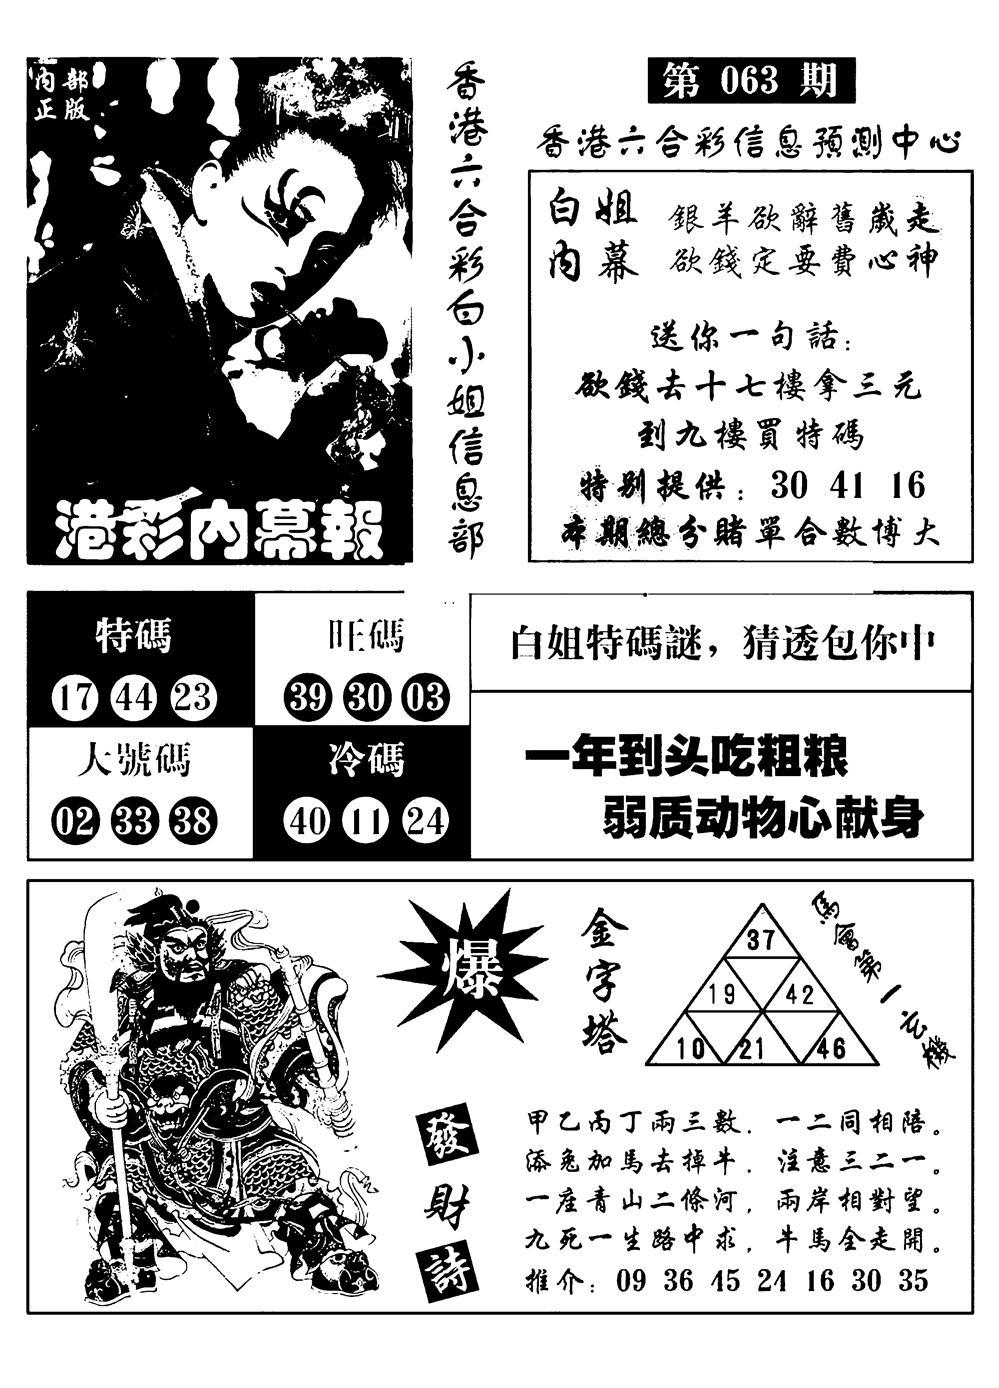 063期港彩内幕报(黑白)